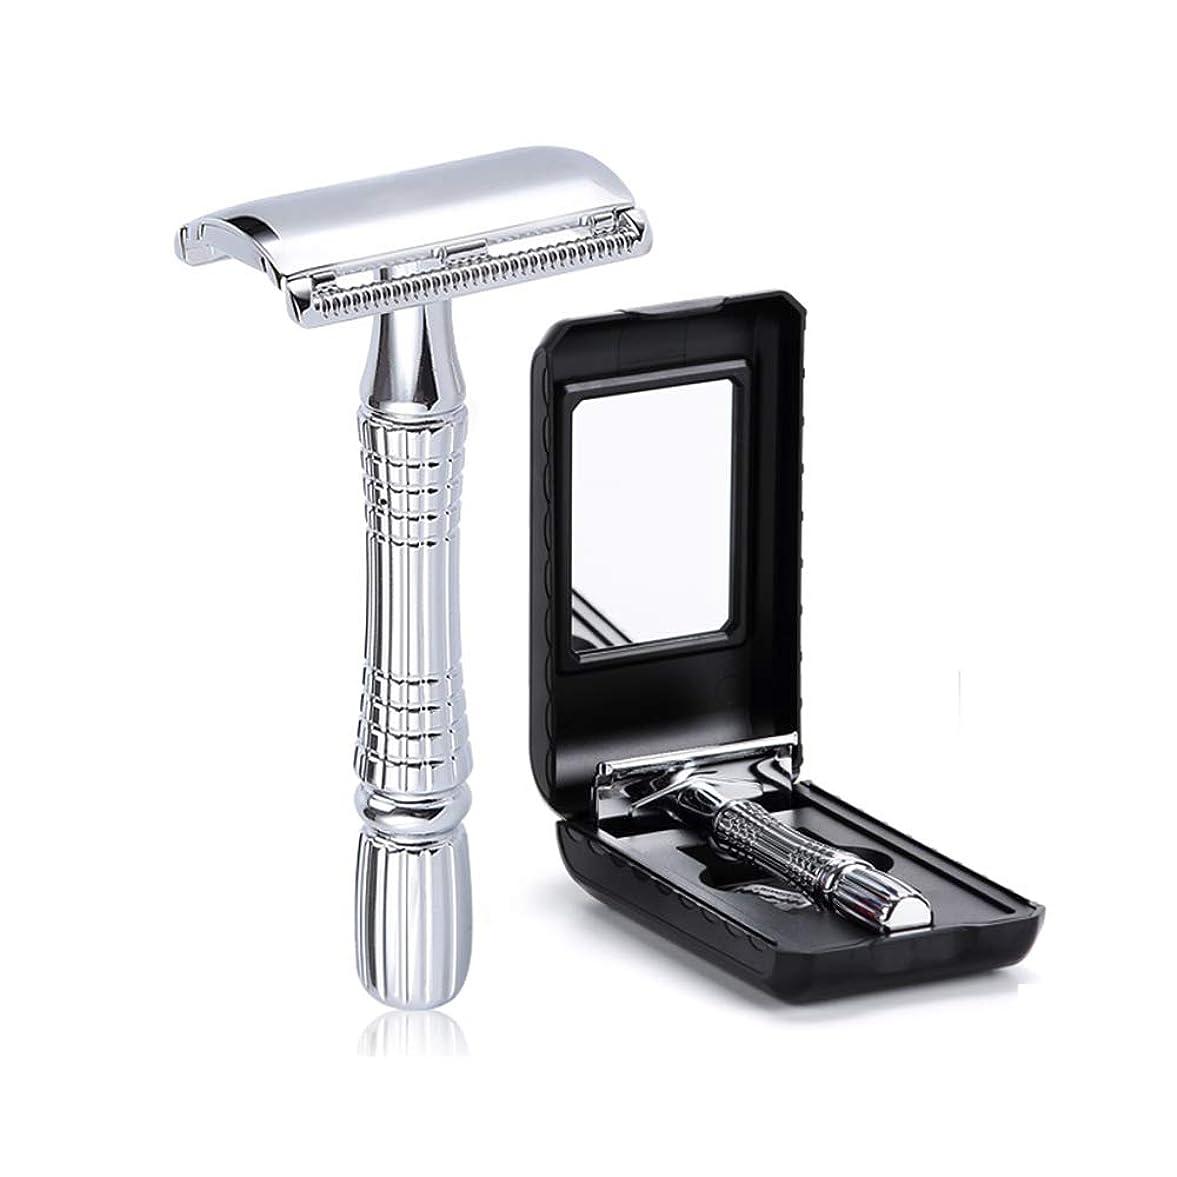 花輪価格維持する二重端優良かみそりの手動ホールダーのステンレス鋼 + 10 の刃,Silver